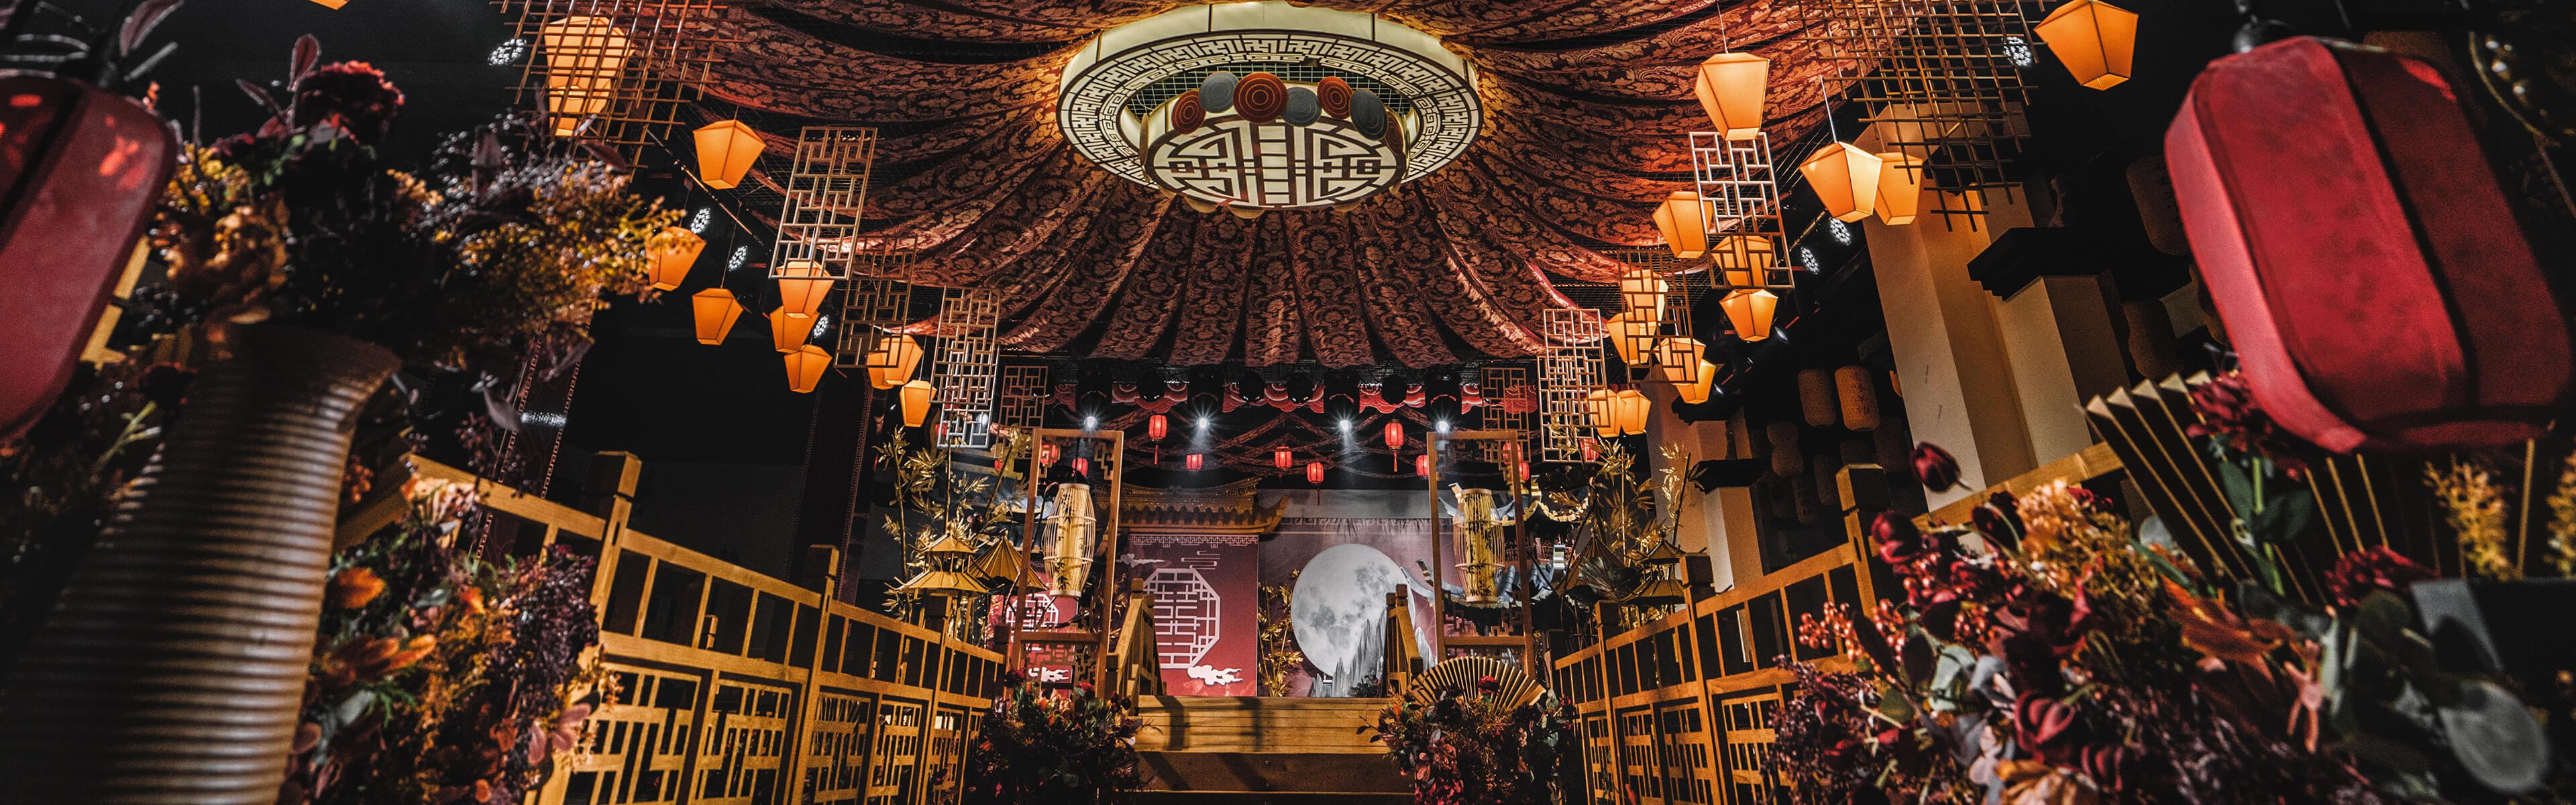 无为县婚庆策划案例:琴瑟在御 莫不静好 | 江苏 徐州